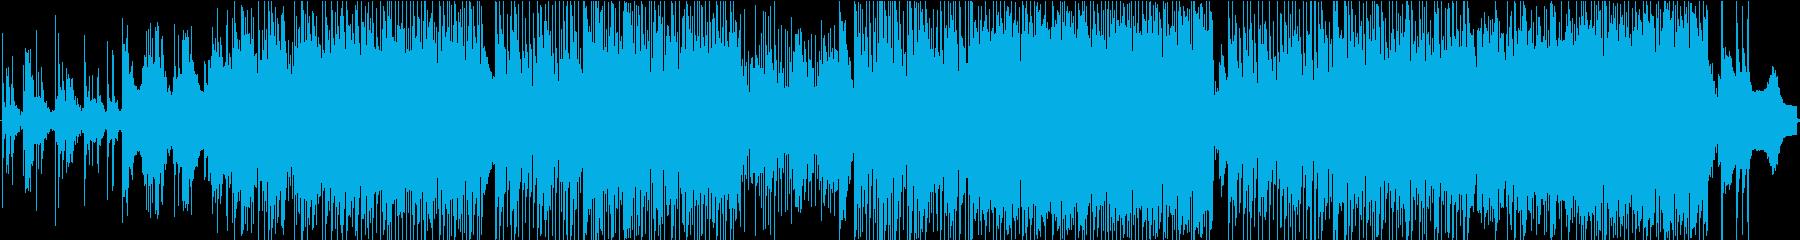 世界的マークのあるテクノクイックポップ。の再生済みの波形